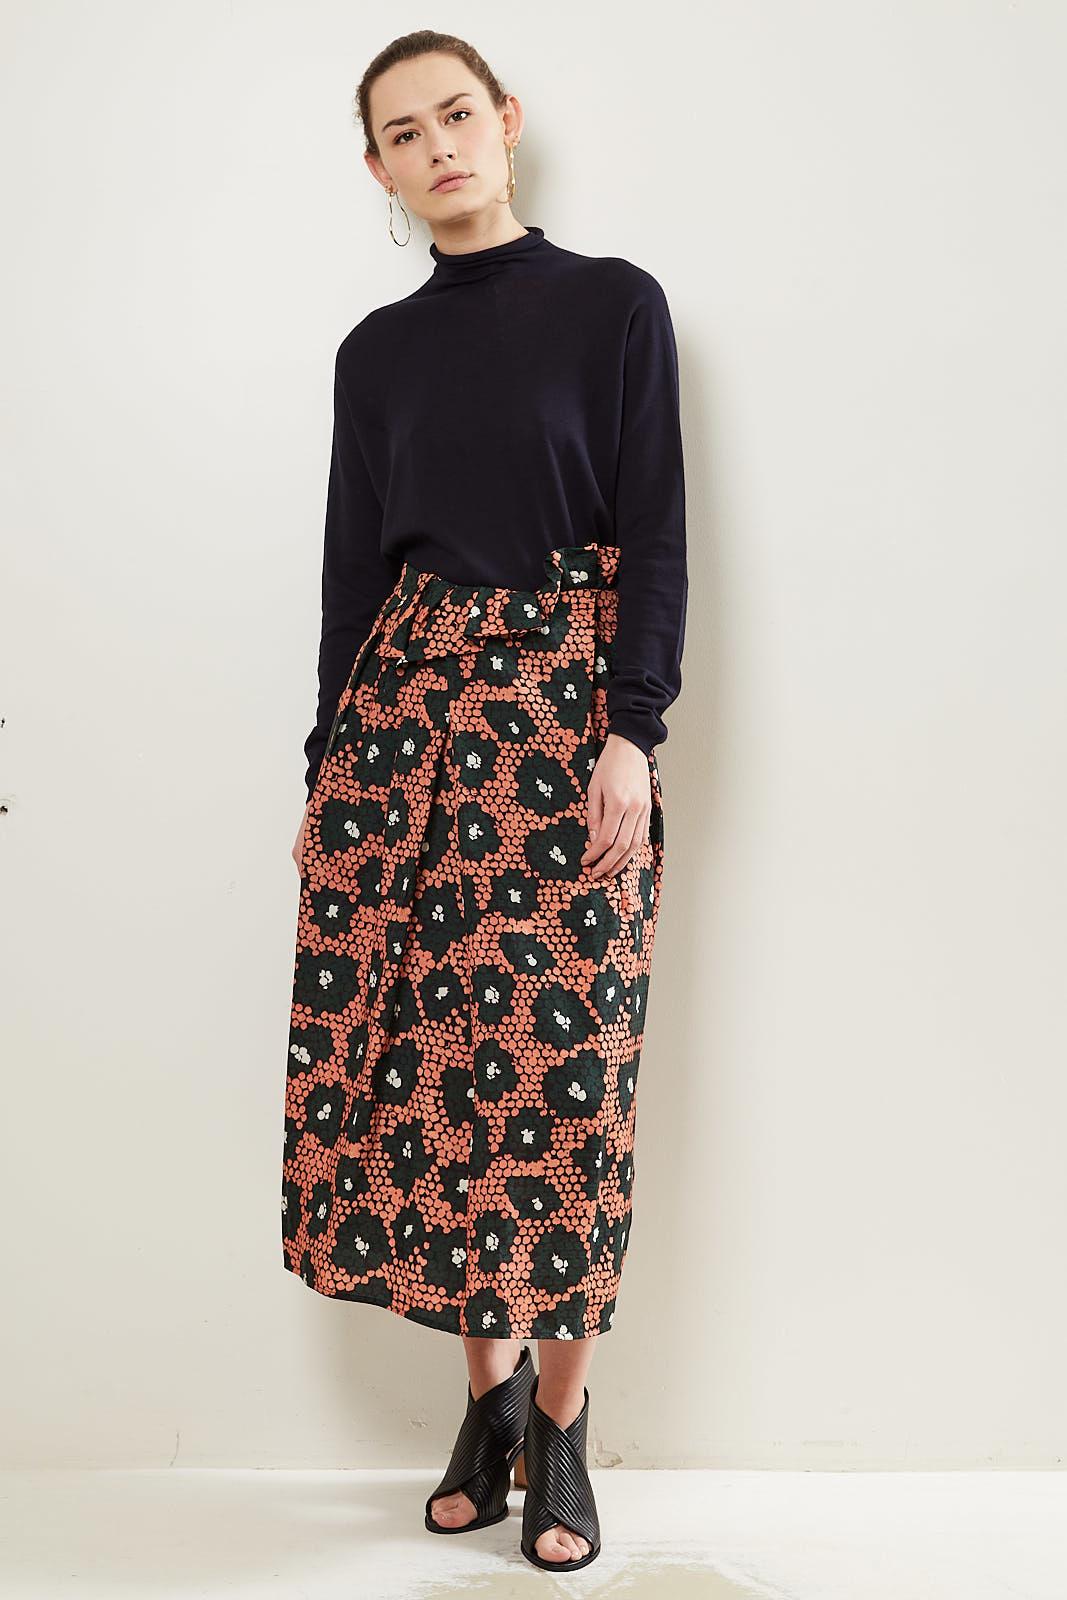 Christian Wijnants Shani daisy print high waisted skirt.